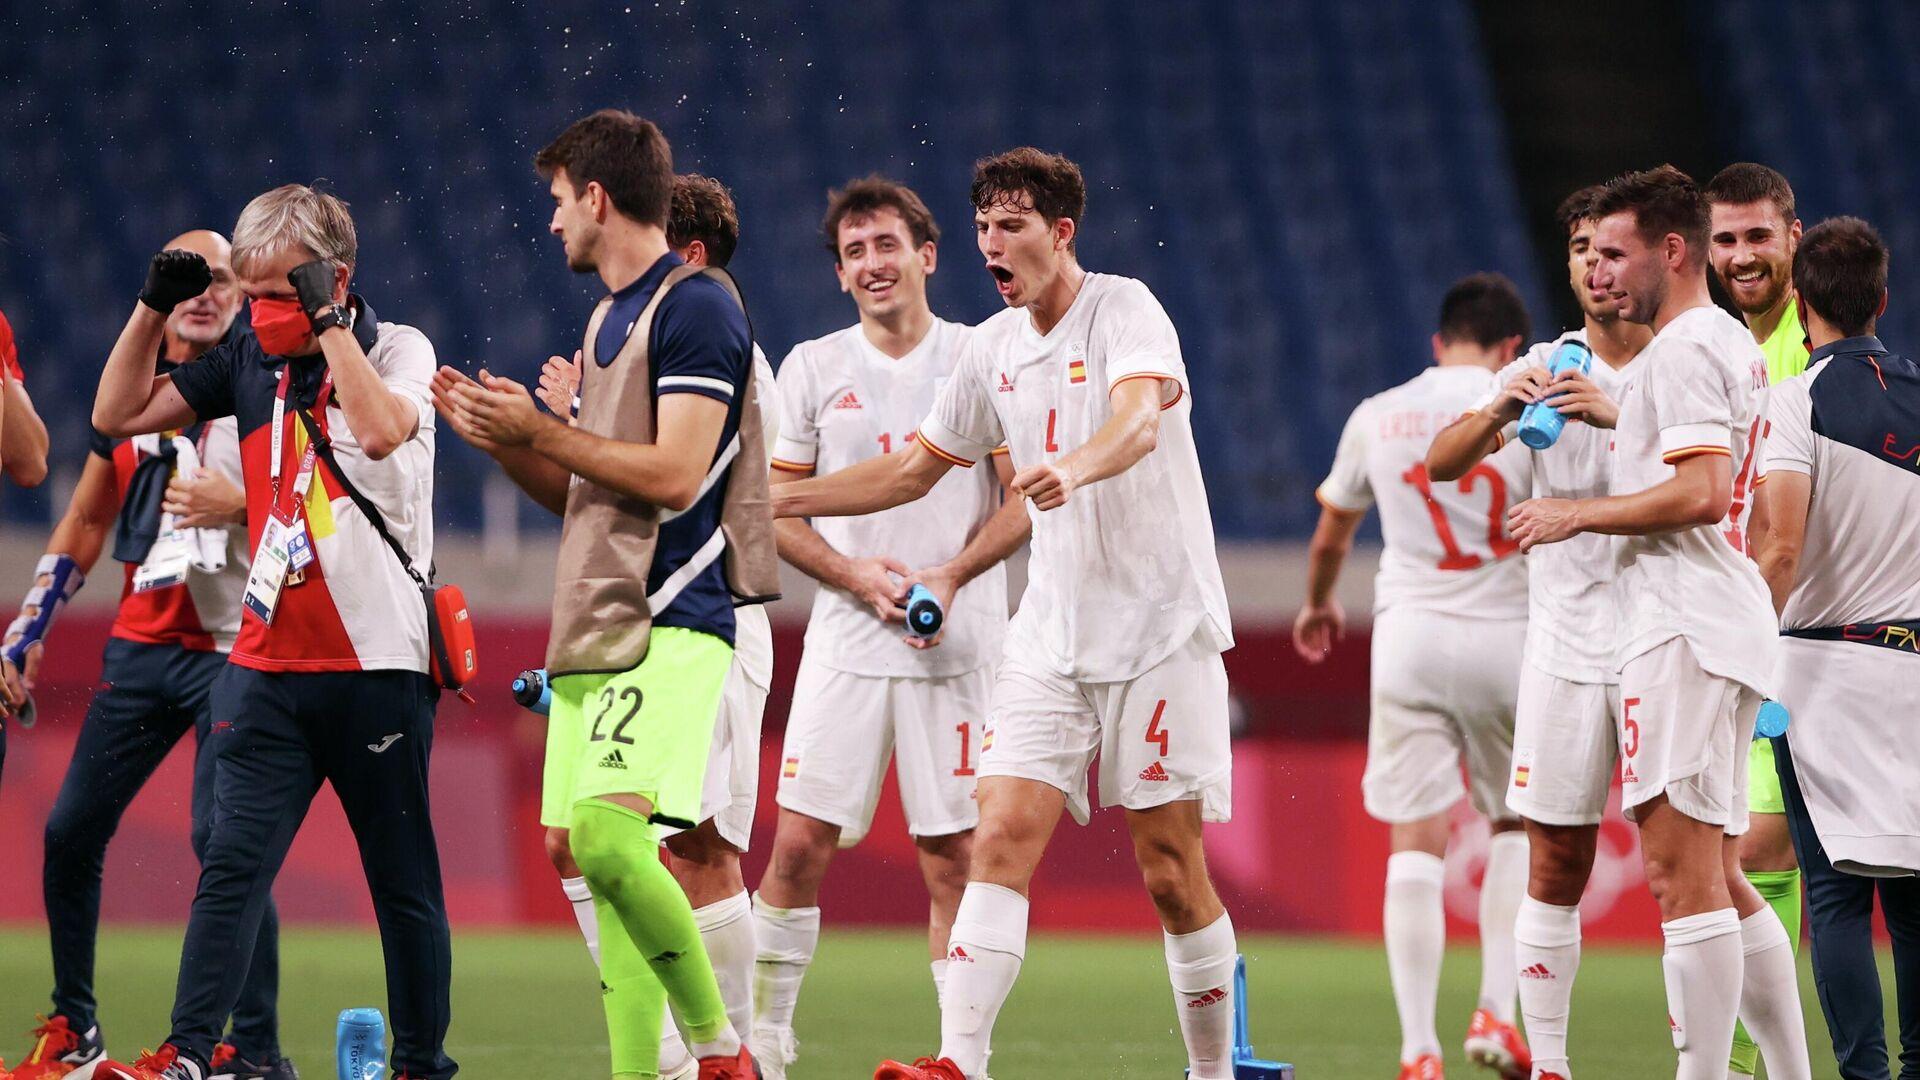 Pau Torres de España y sus compañeros celebran su victoria después del partido, Tokio, el 3 de agosto de 2021 - Sputnik Mundo, 1920, 03.08.2021